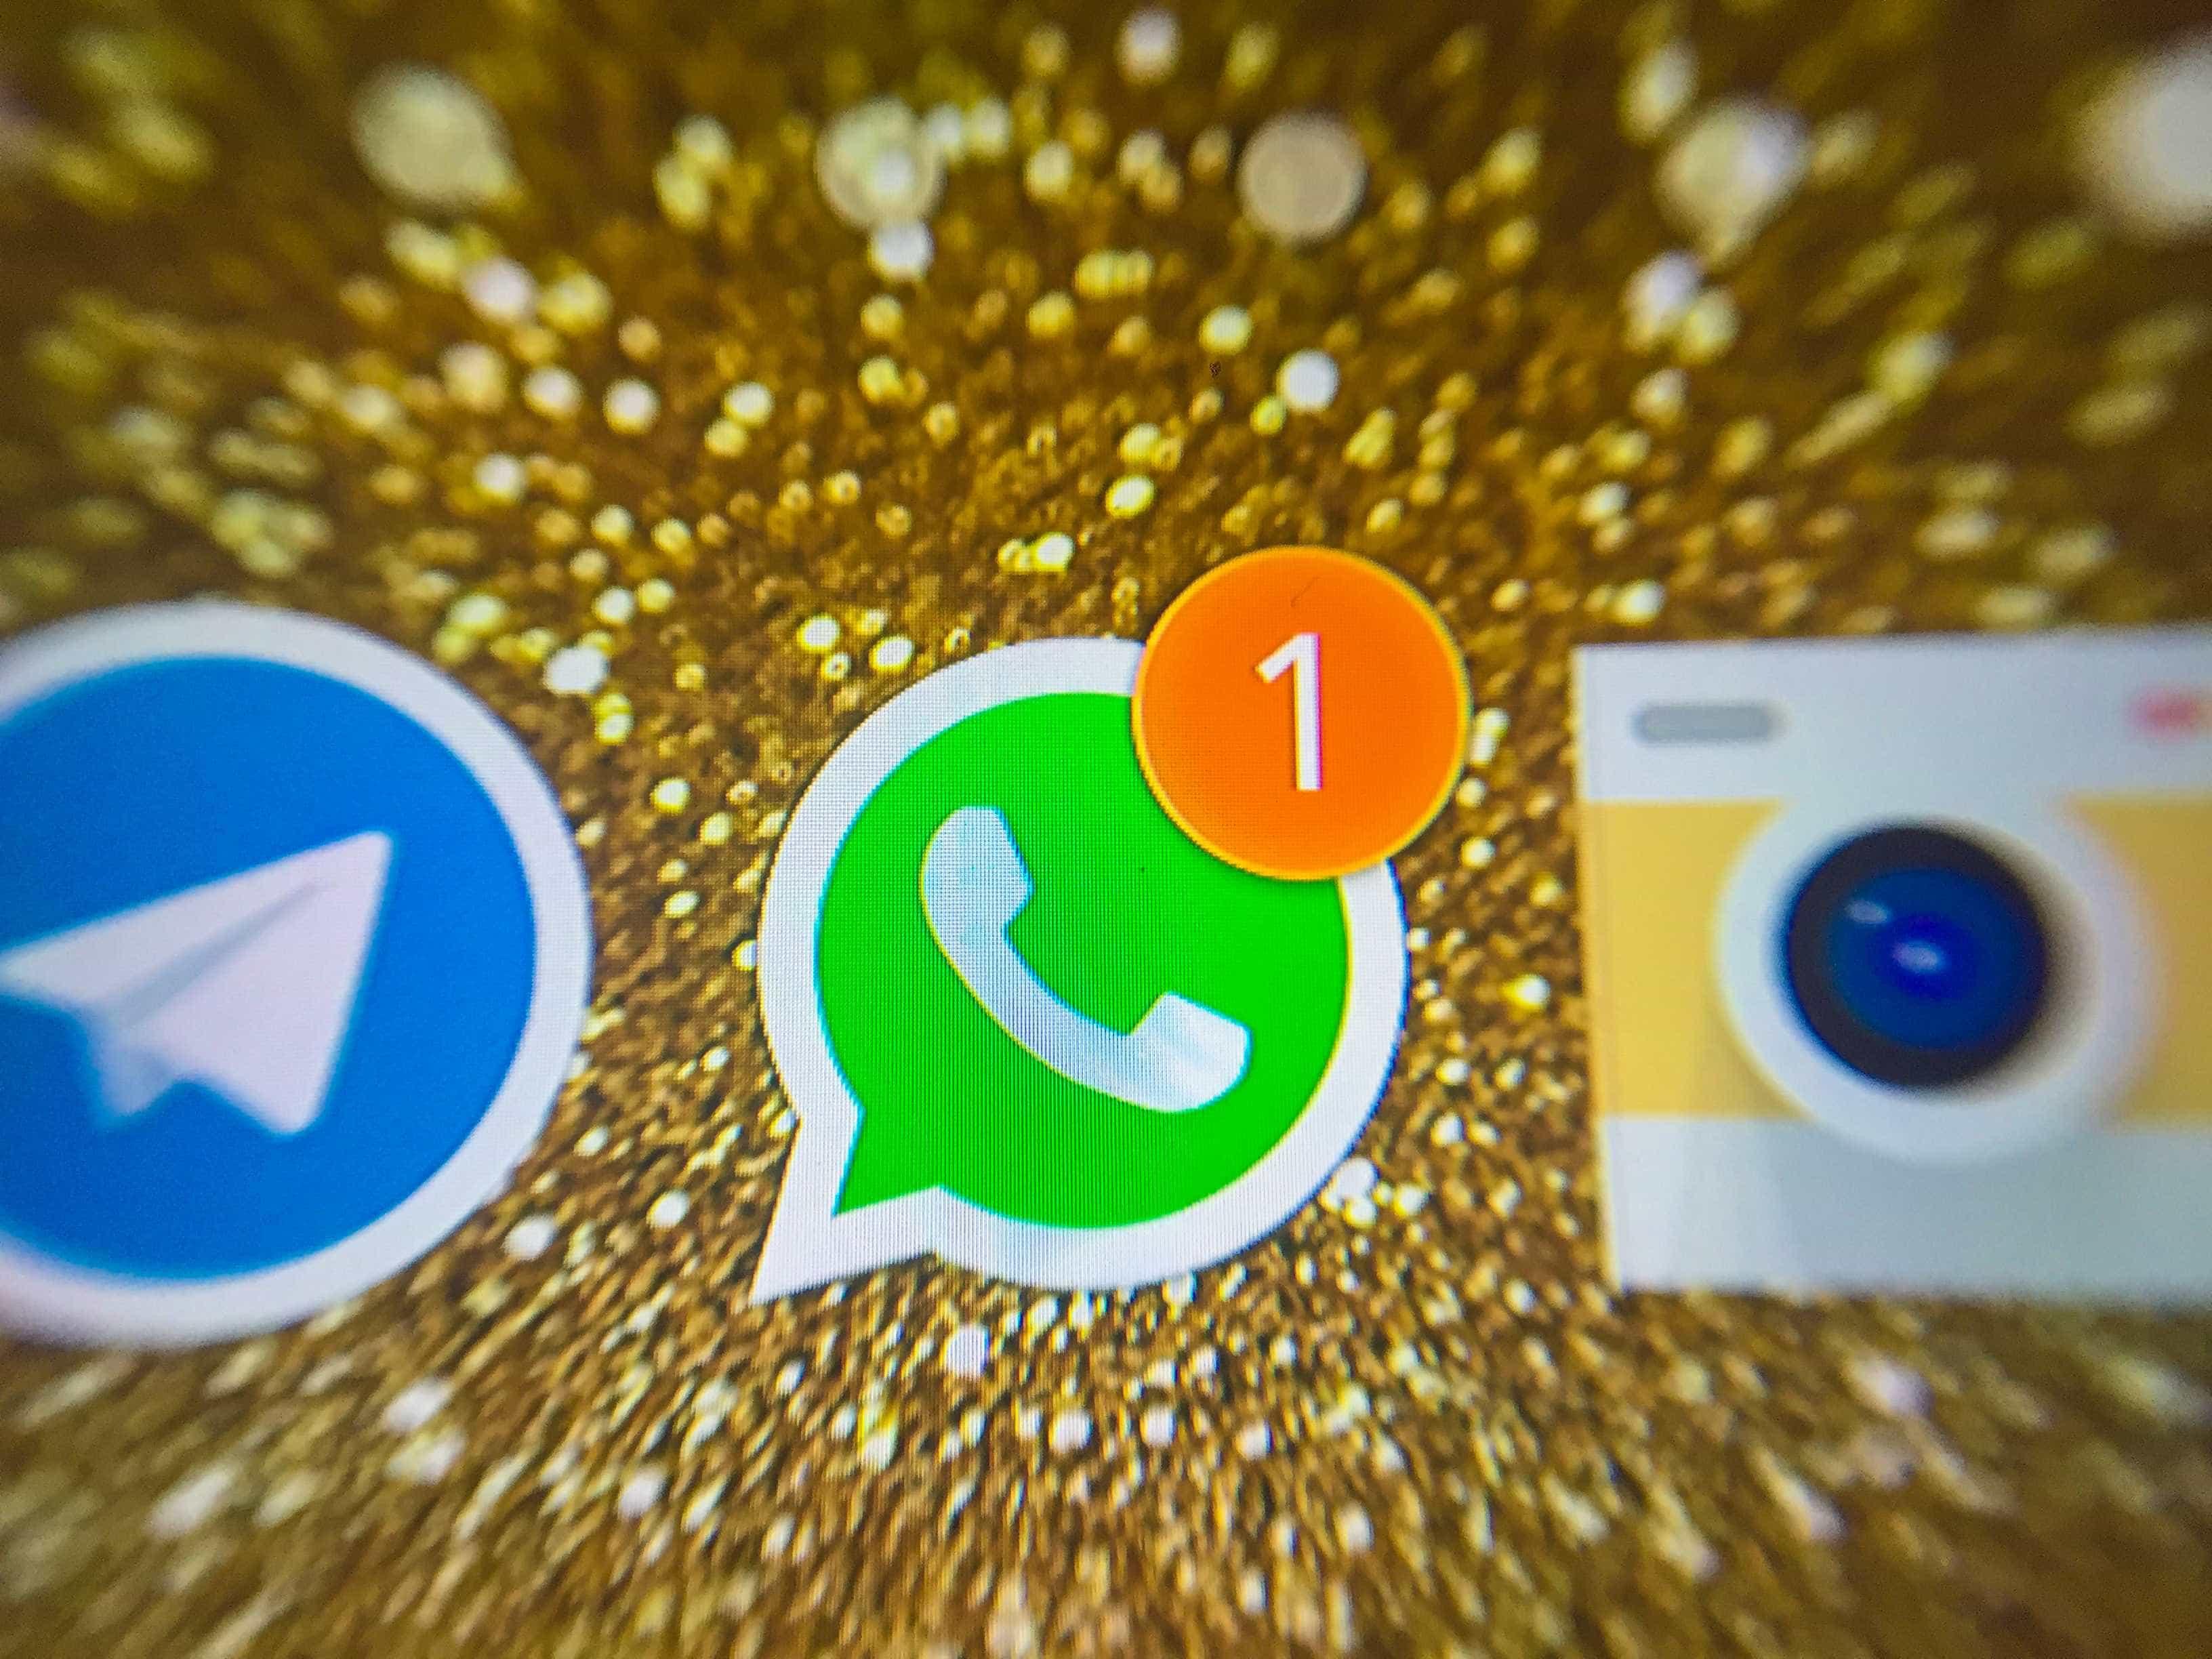 Golpe da recarga grátis pelo WhatsApp já fez mais de 26 mil vítimas